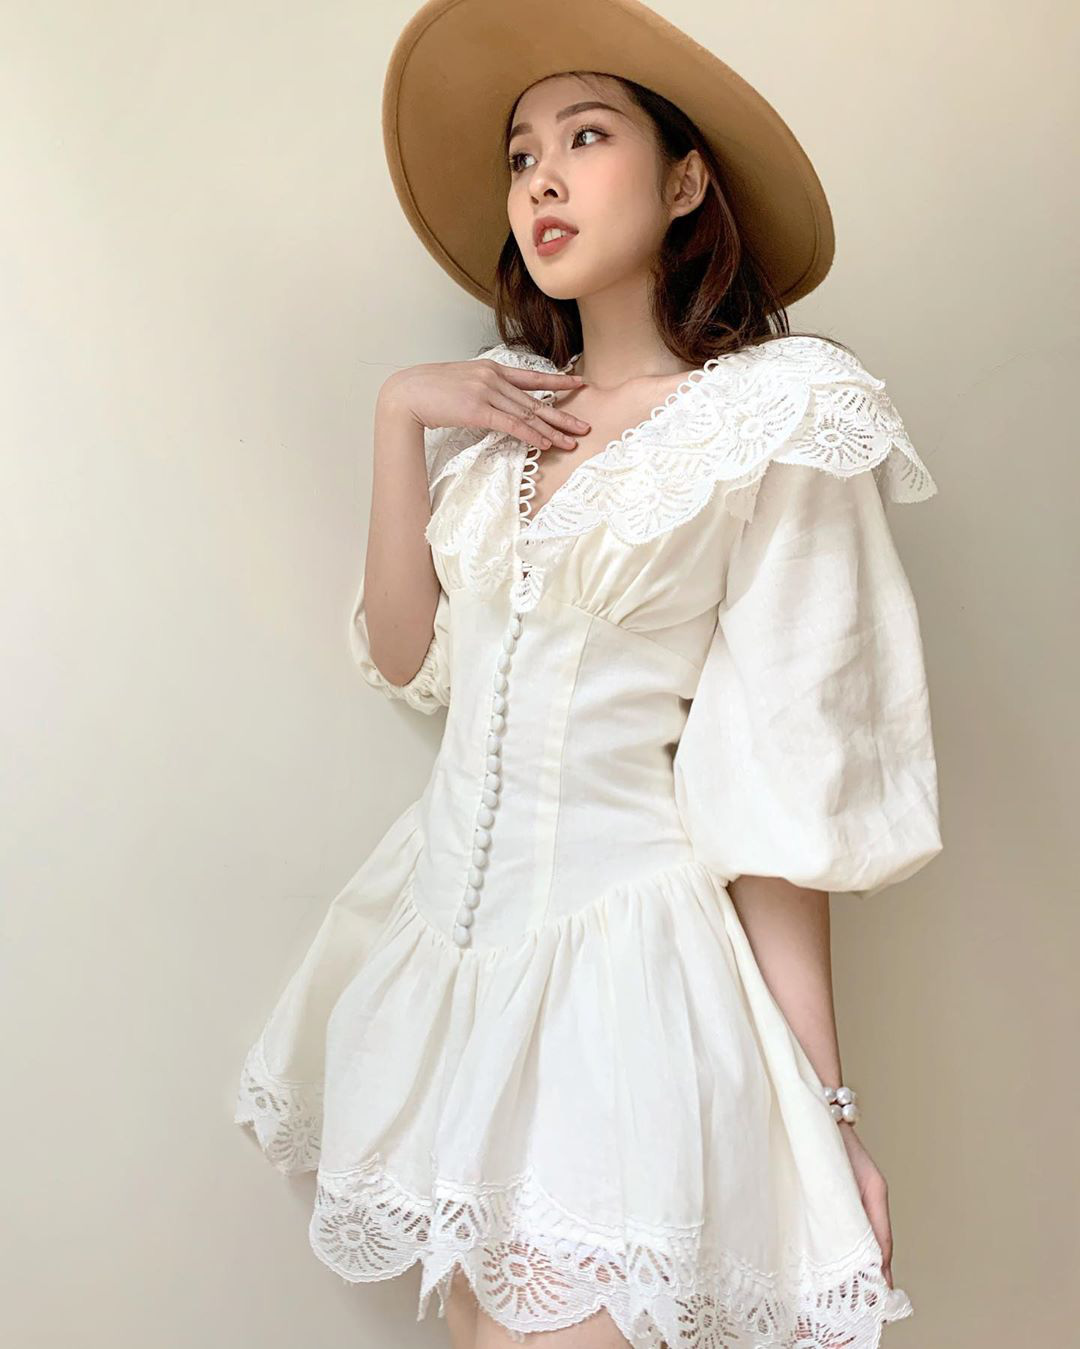 Nhắm trước 11 mẫu váy sau cho dịp 20/10 là chuẩn chỉnh, bộ nào cũng xinh mà giá chỉ từ 200k - Ảnh 7.